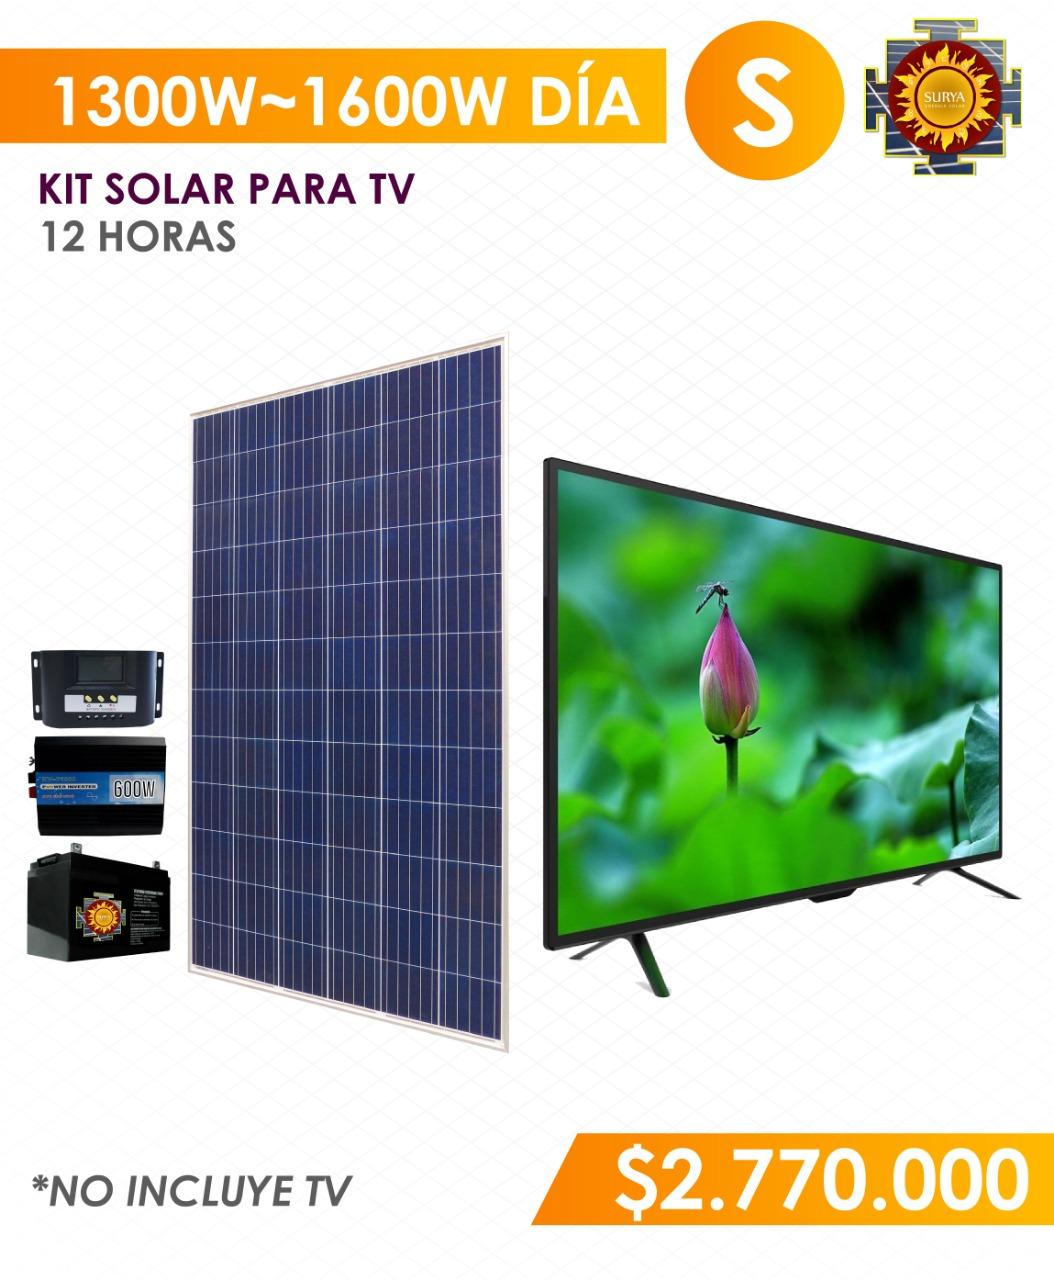 televisor con energia solar en colombia